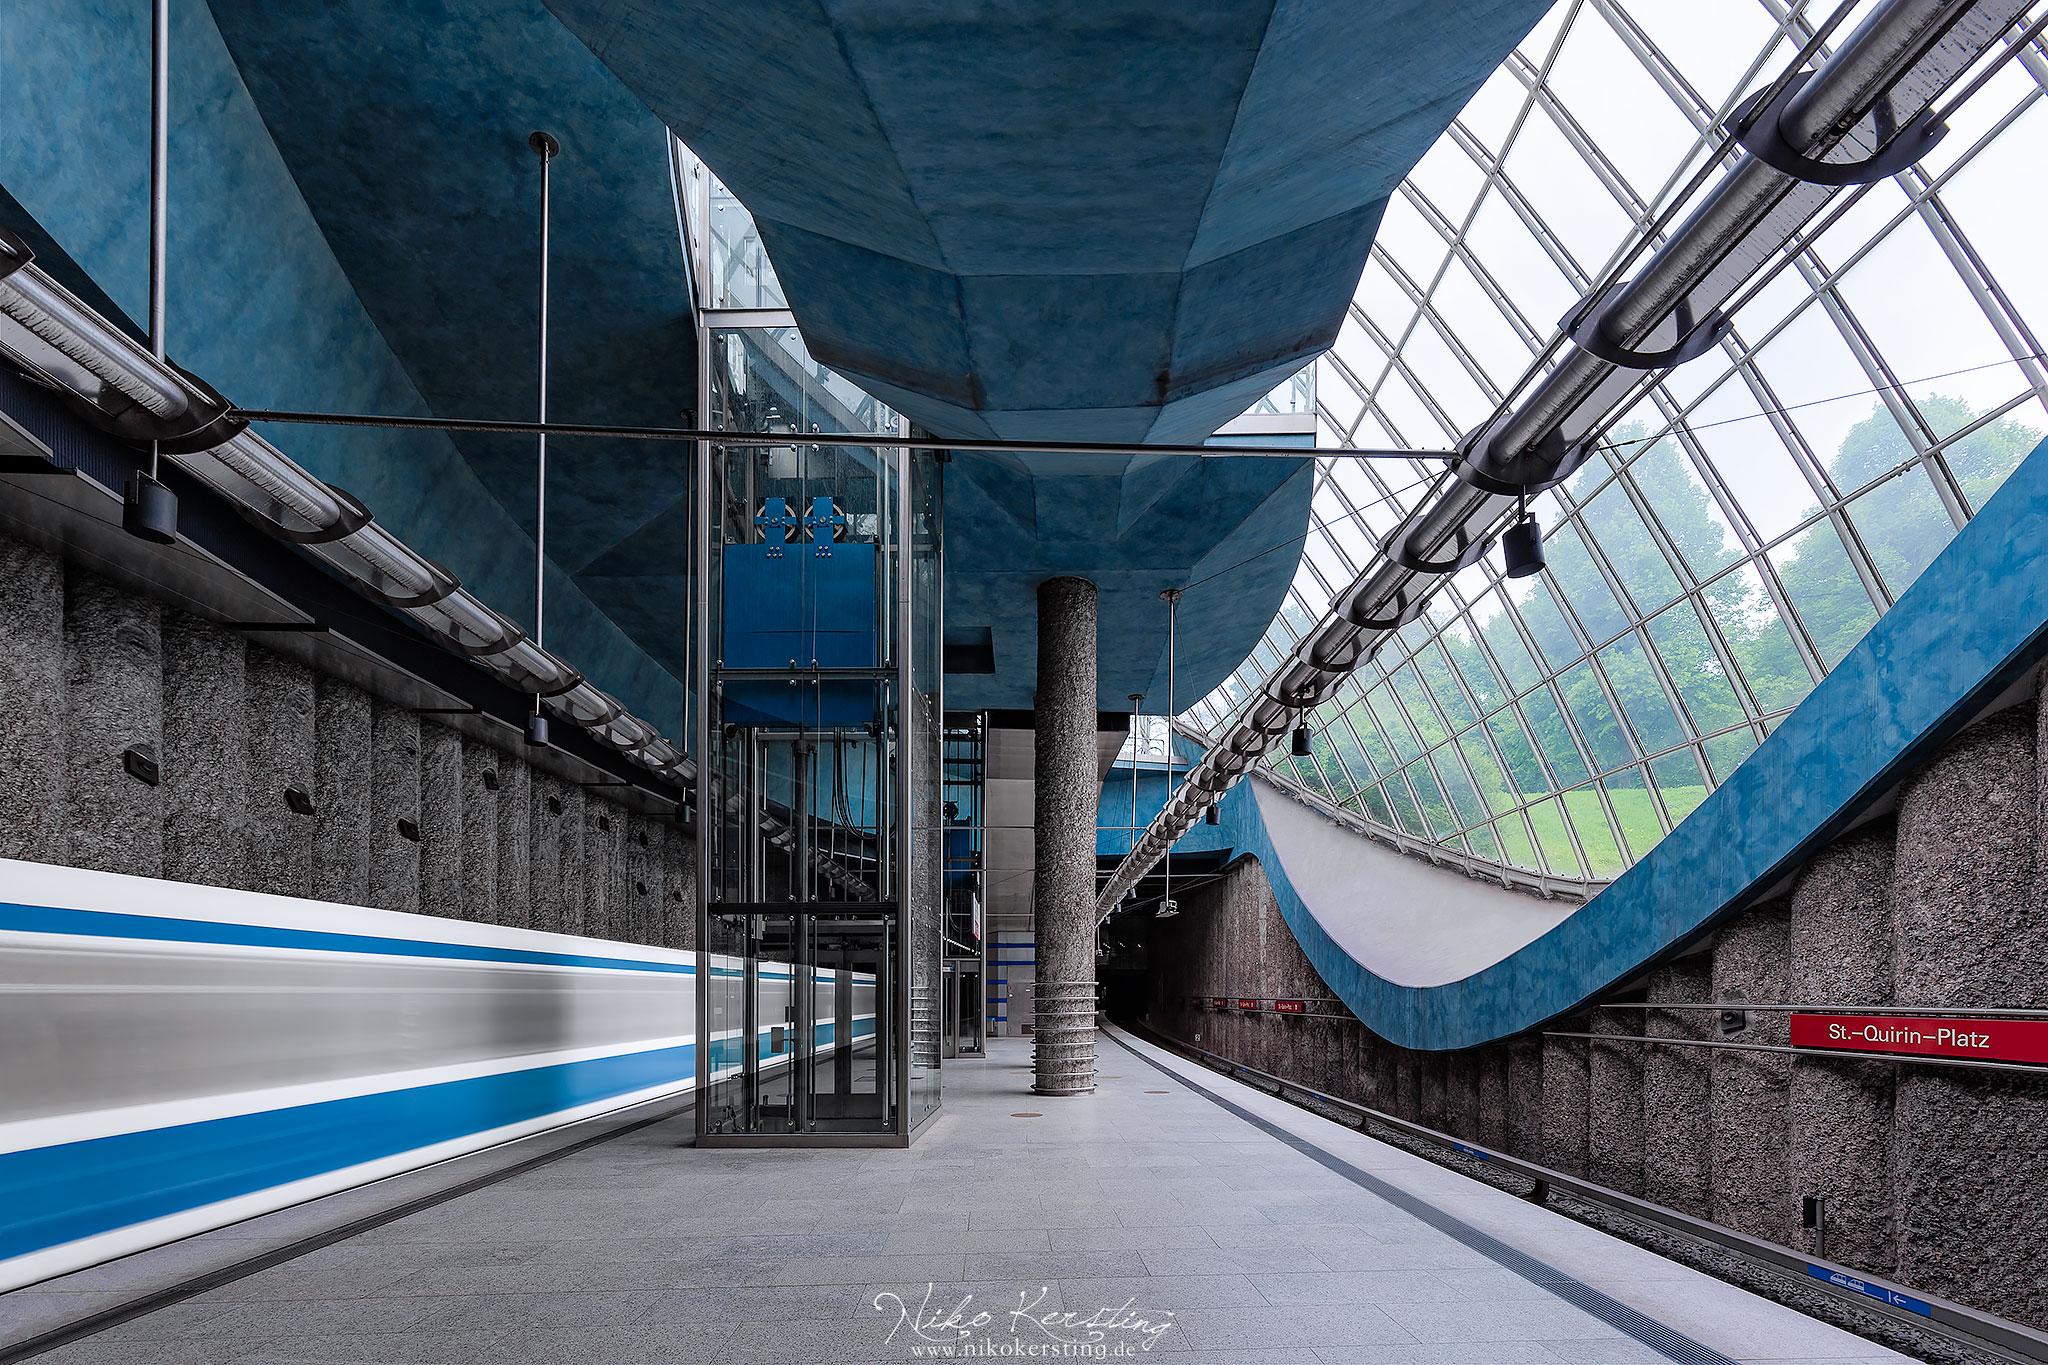 St.-Quirin-Platz (Underground Station), Germany